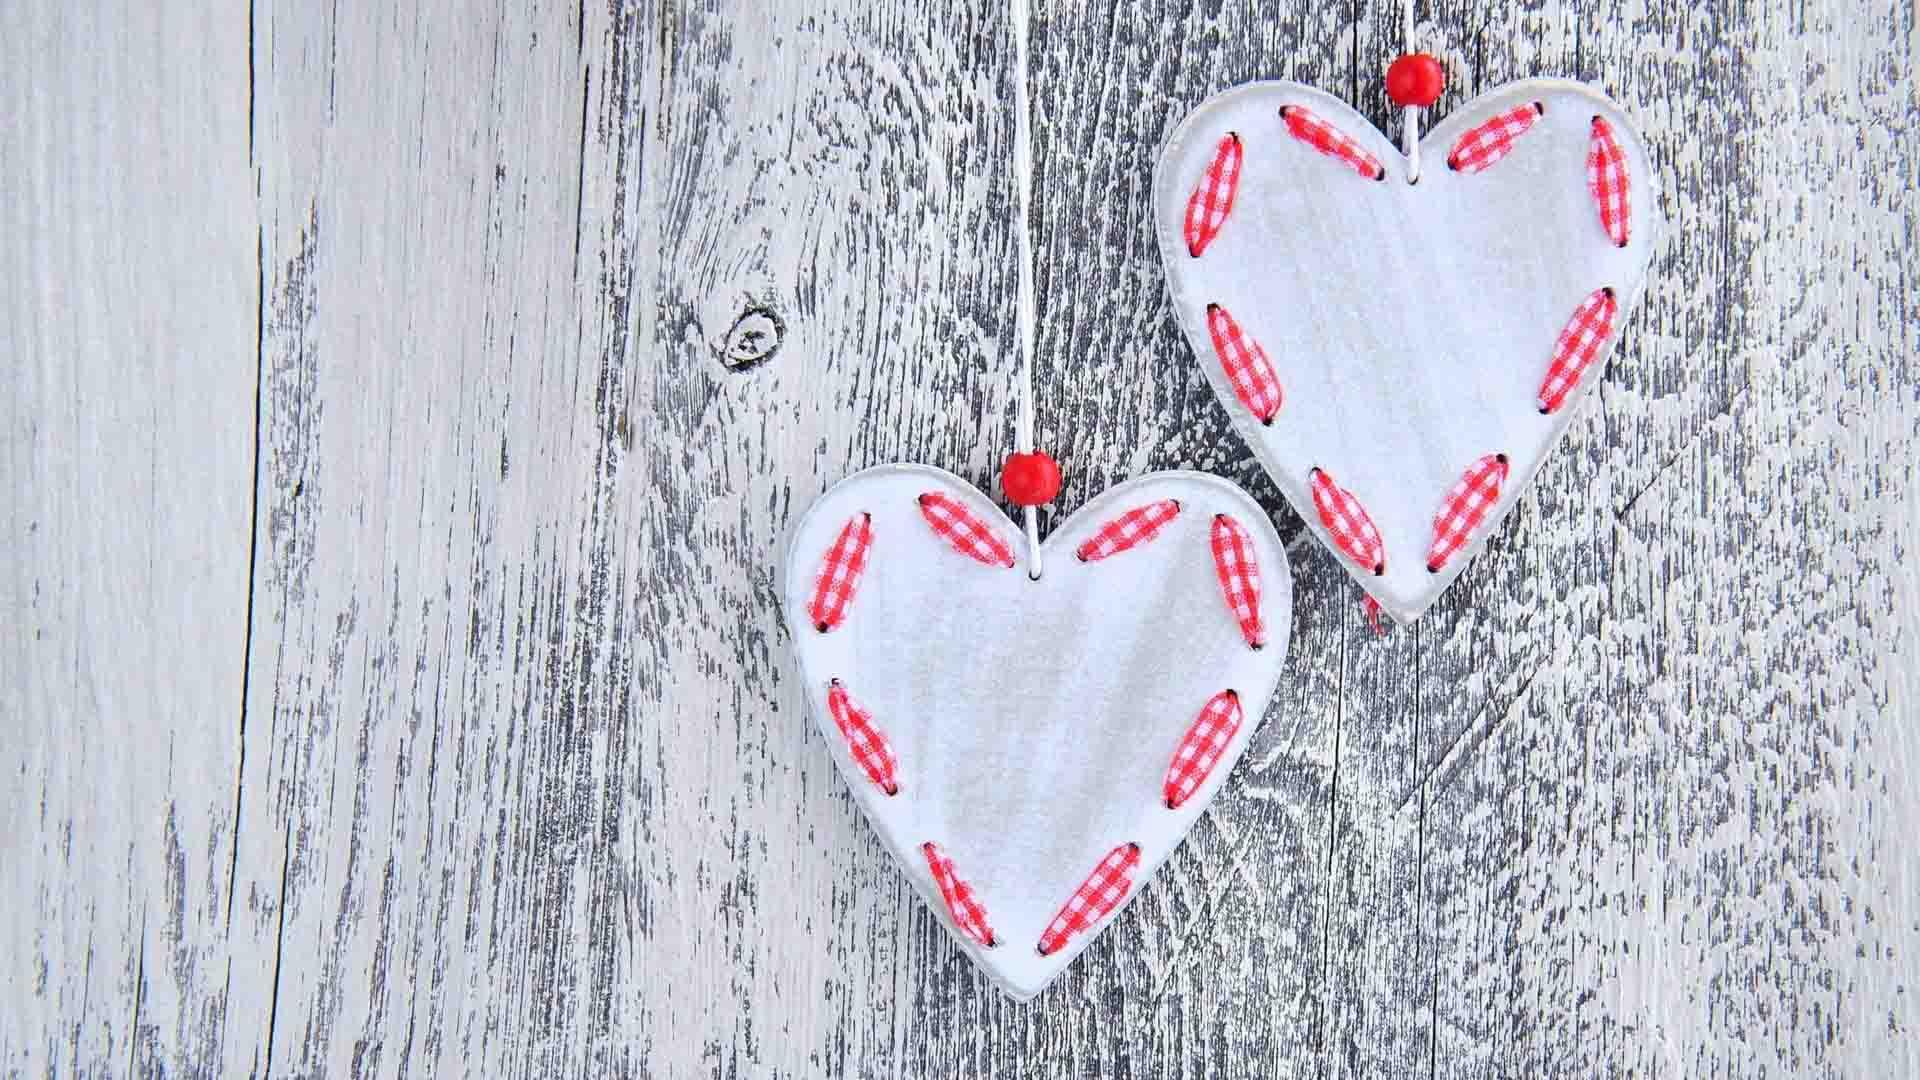 Hình ảnh trái tim treo trên cửa